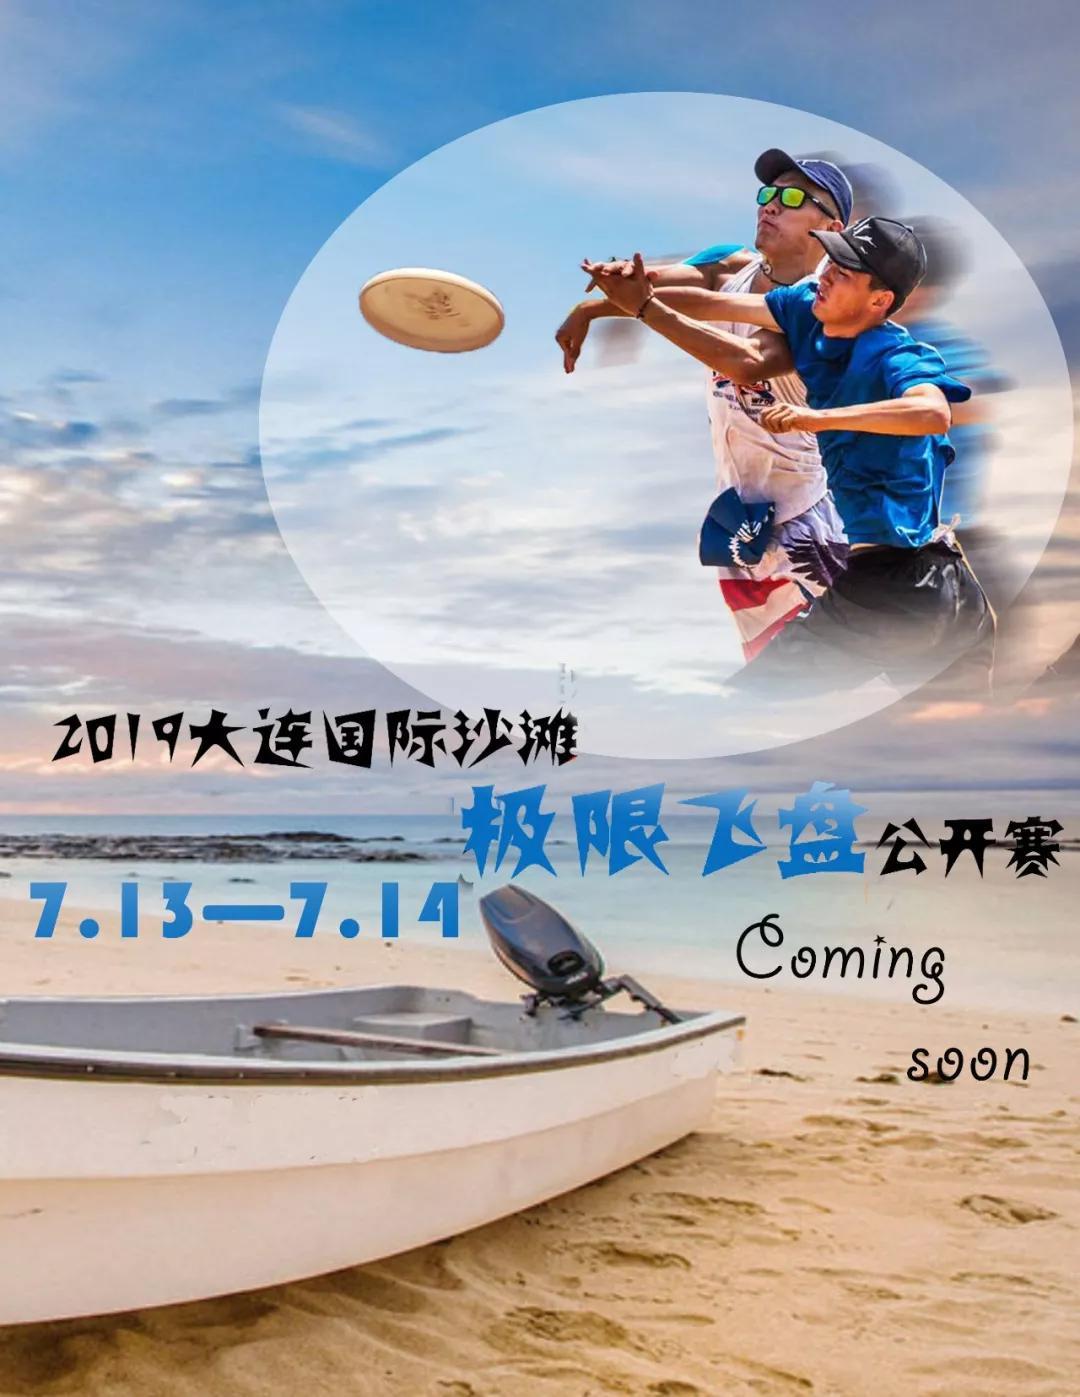 2019大连国际沙滩极限飞盘公开赛即将开赛